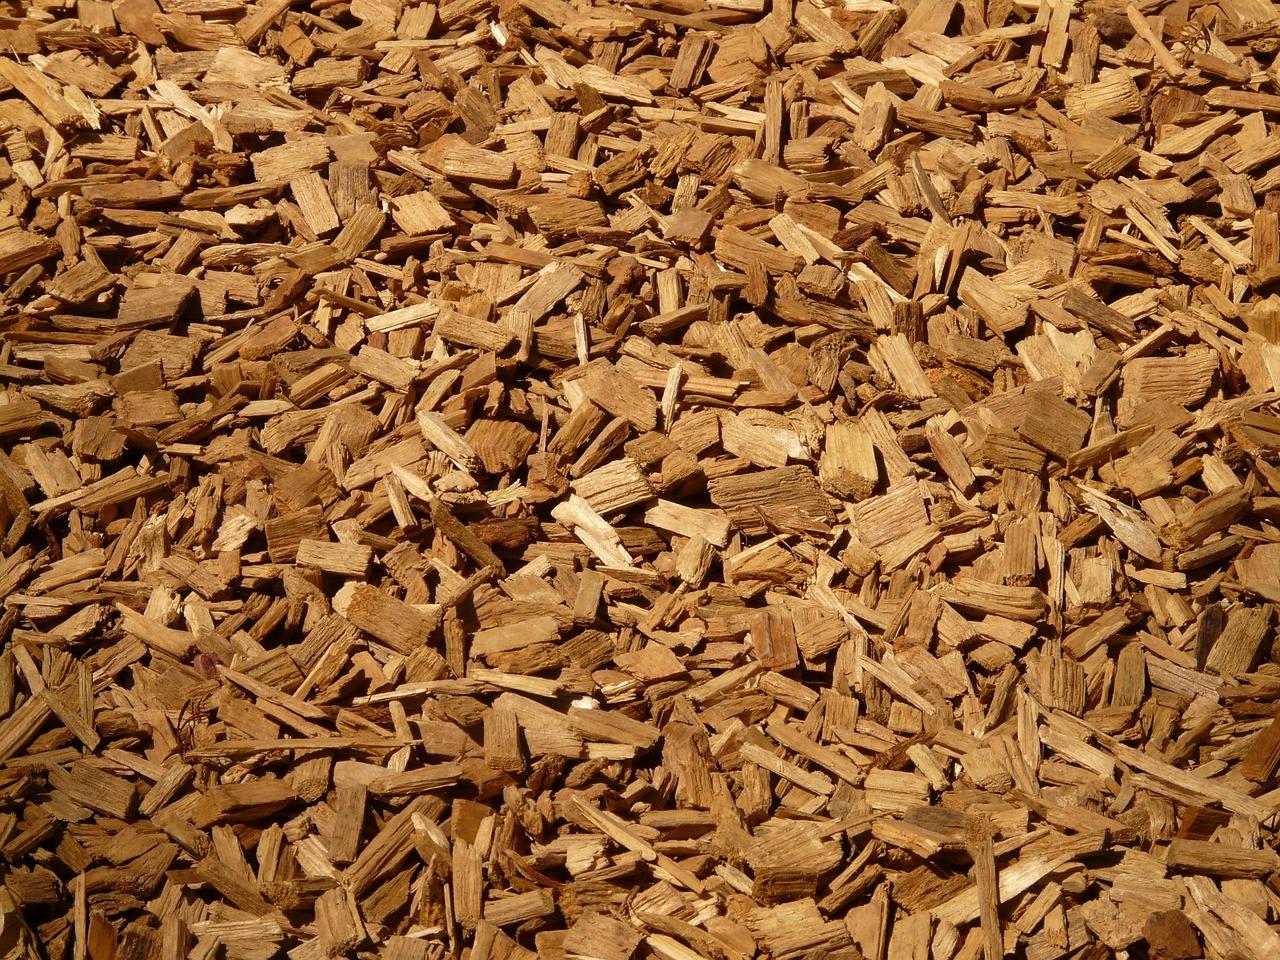 вкус опилки из дерева фото обучению технике